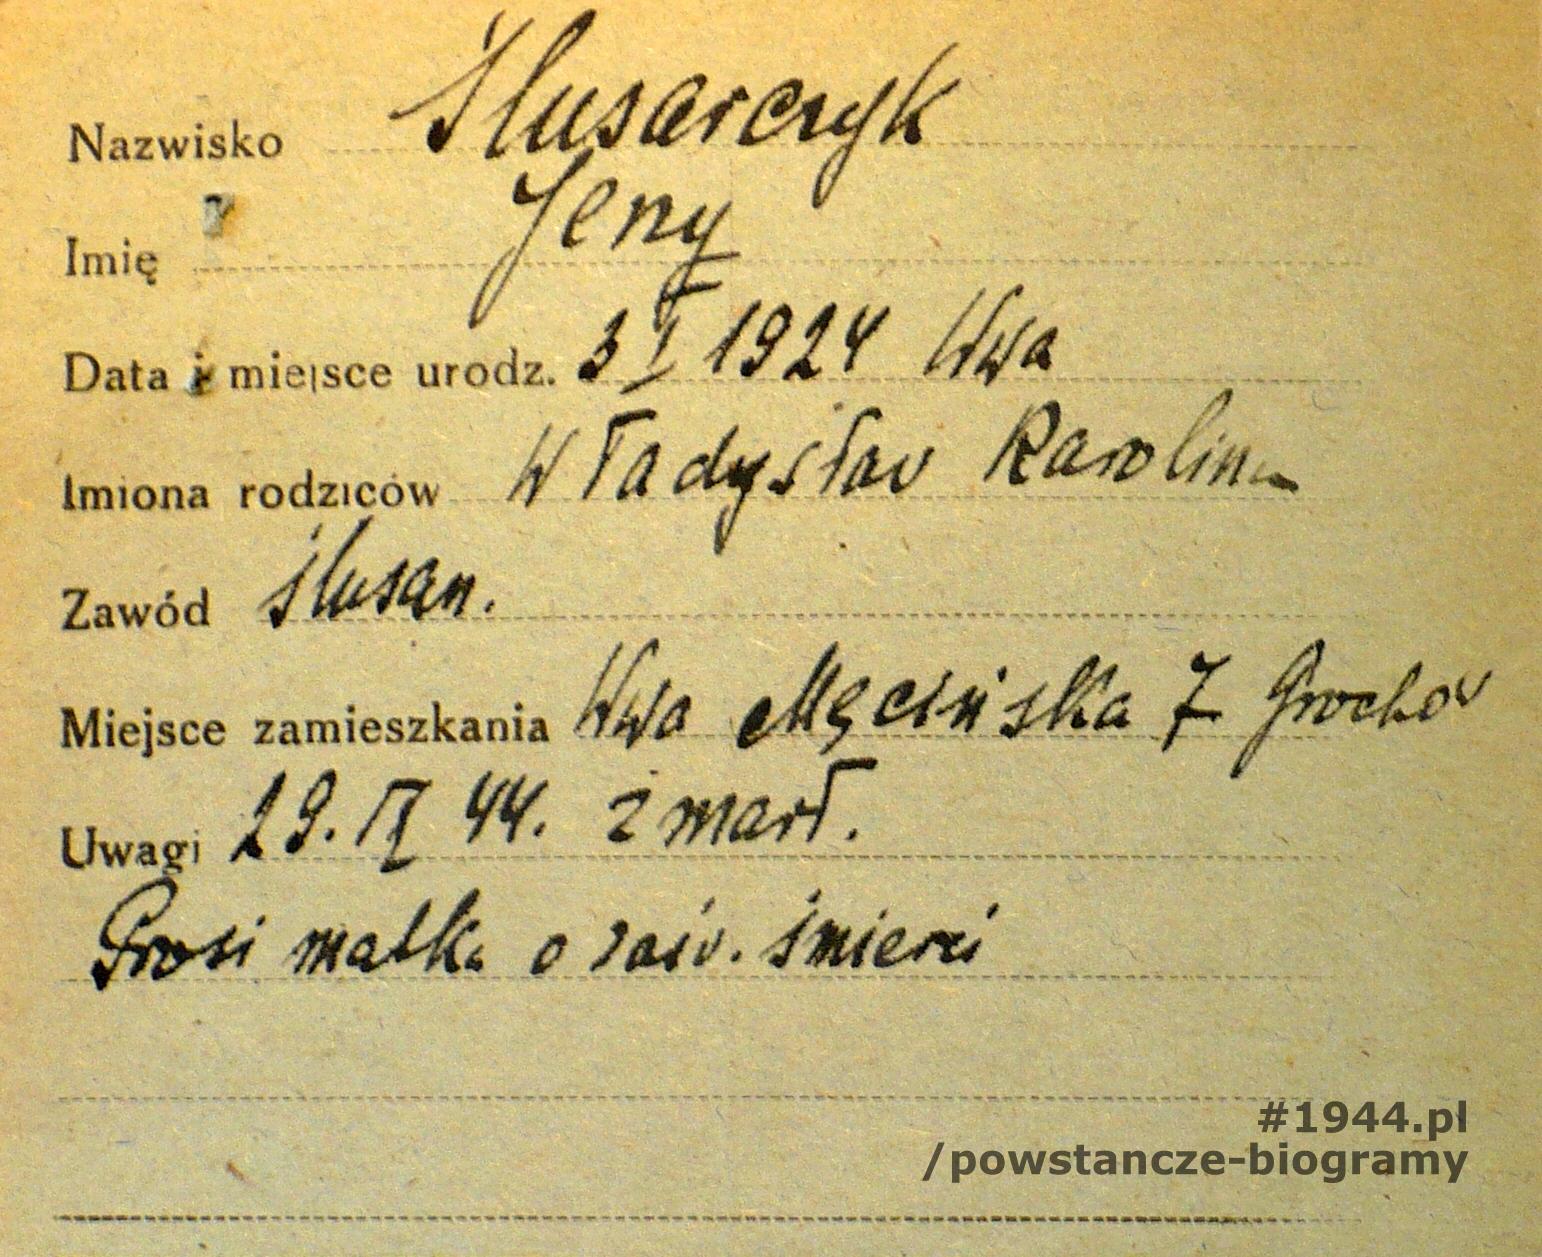 Źródło: Polski Czerwony Krzyż - kartoteka ogólna